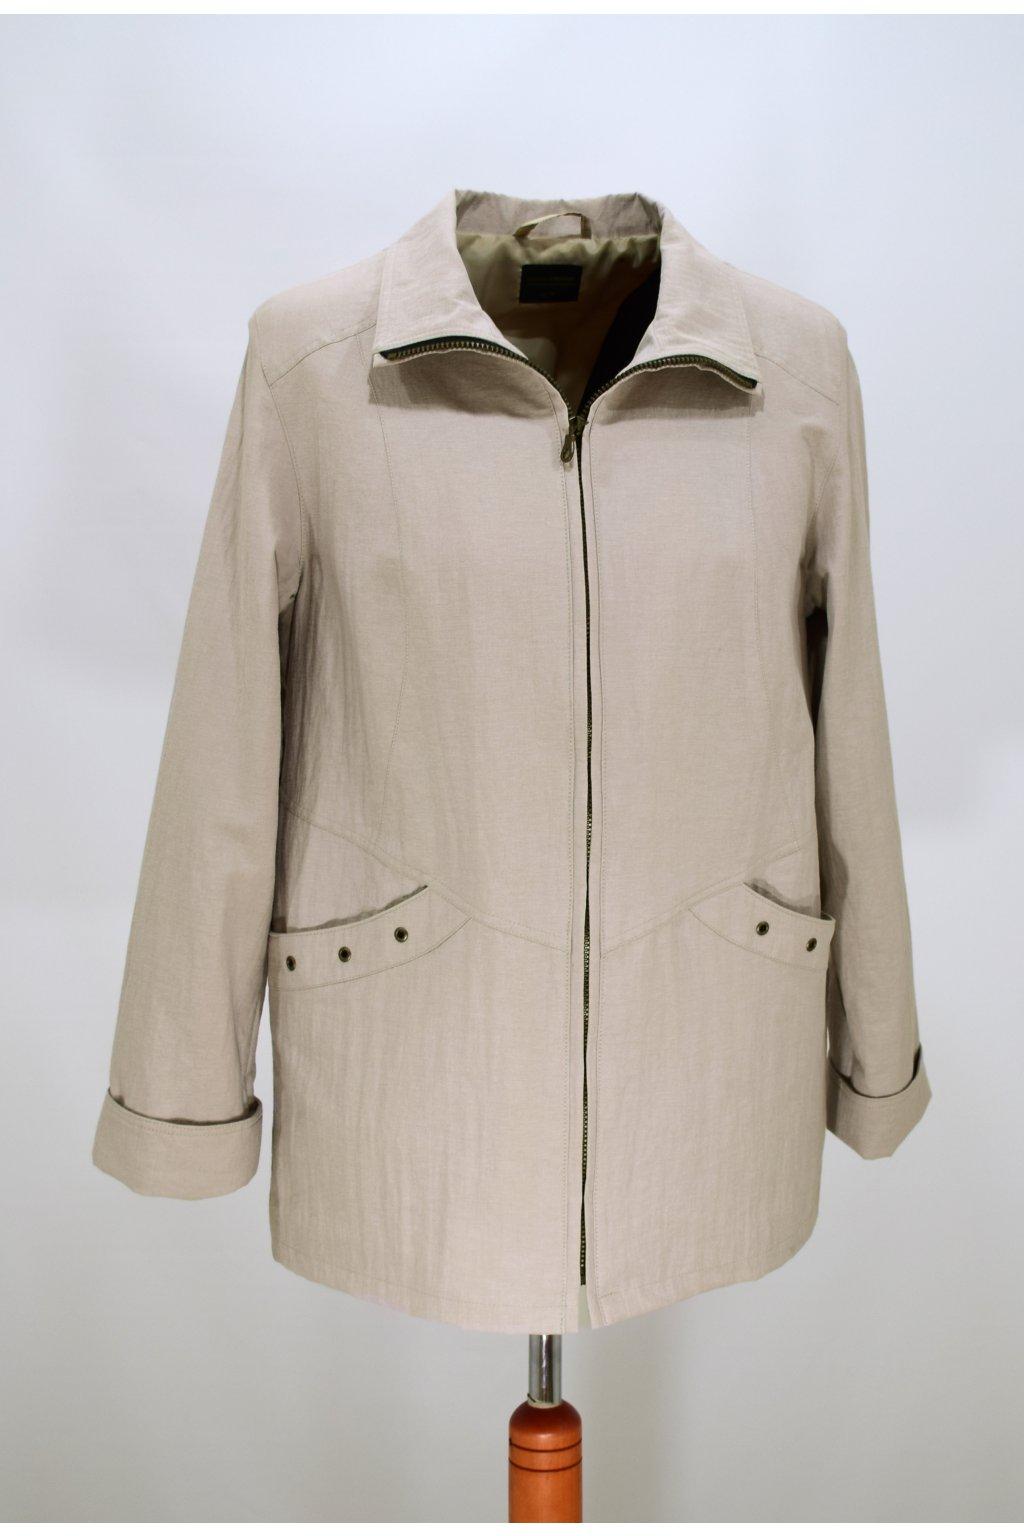 Dámská jarní béžová bunda Aranka nadměrné velikosti.